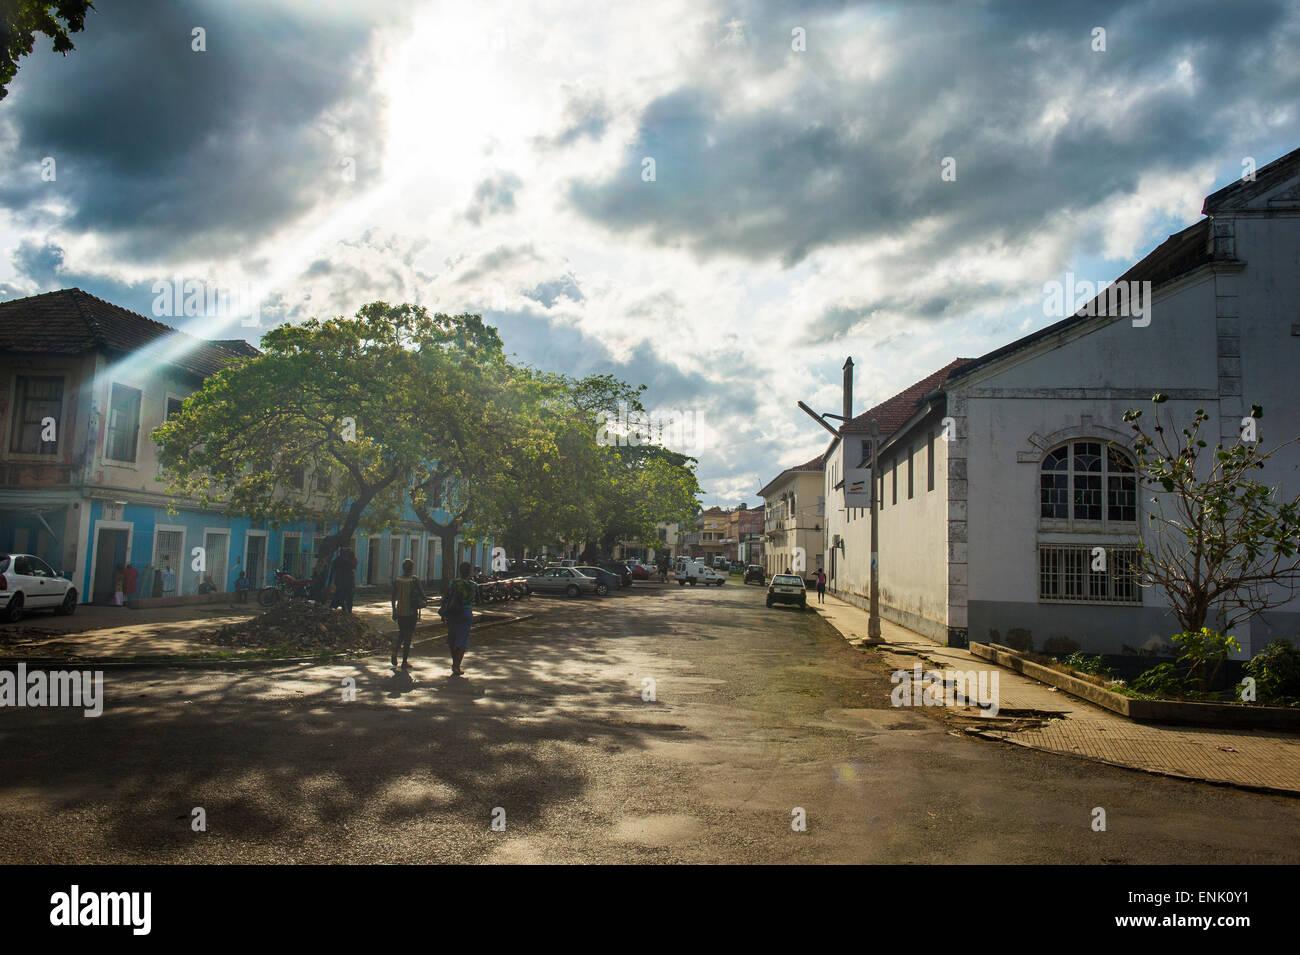 Maisons coloniales dans la ville de Sao Tomé, Sao Tomé et Principe, Océan Atlantique, Afrique Photo Stock